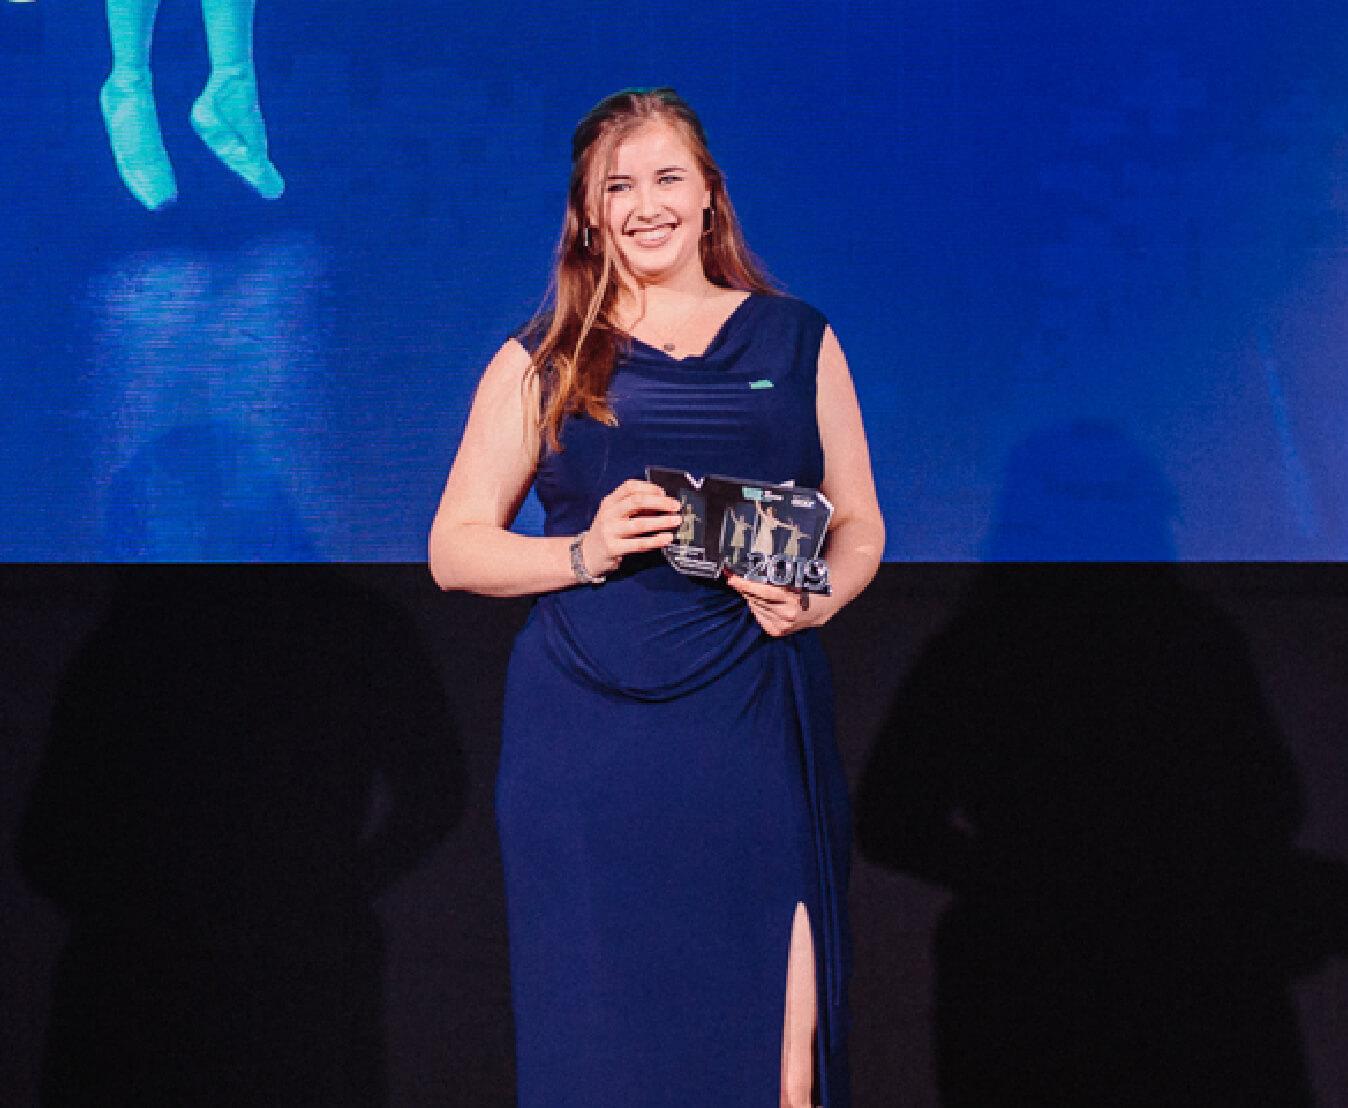 2019 VR Social Impact Award Winner